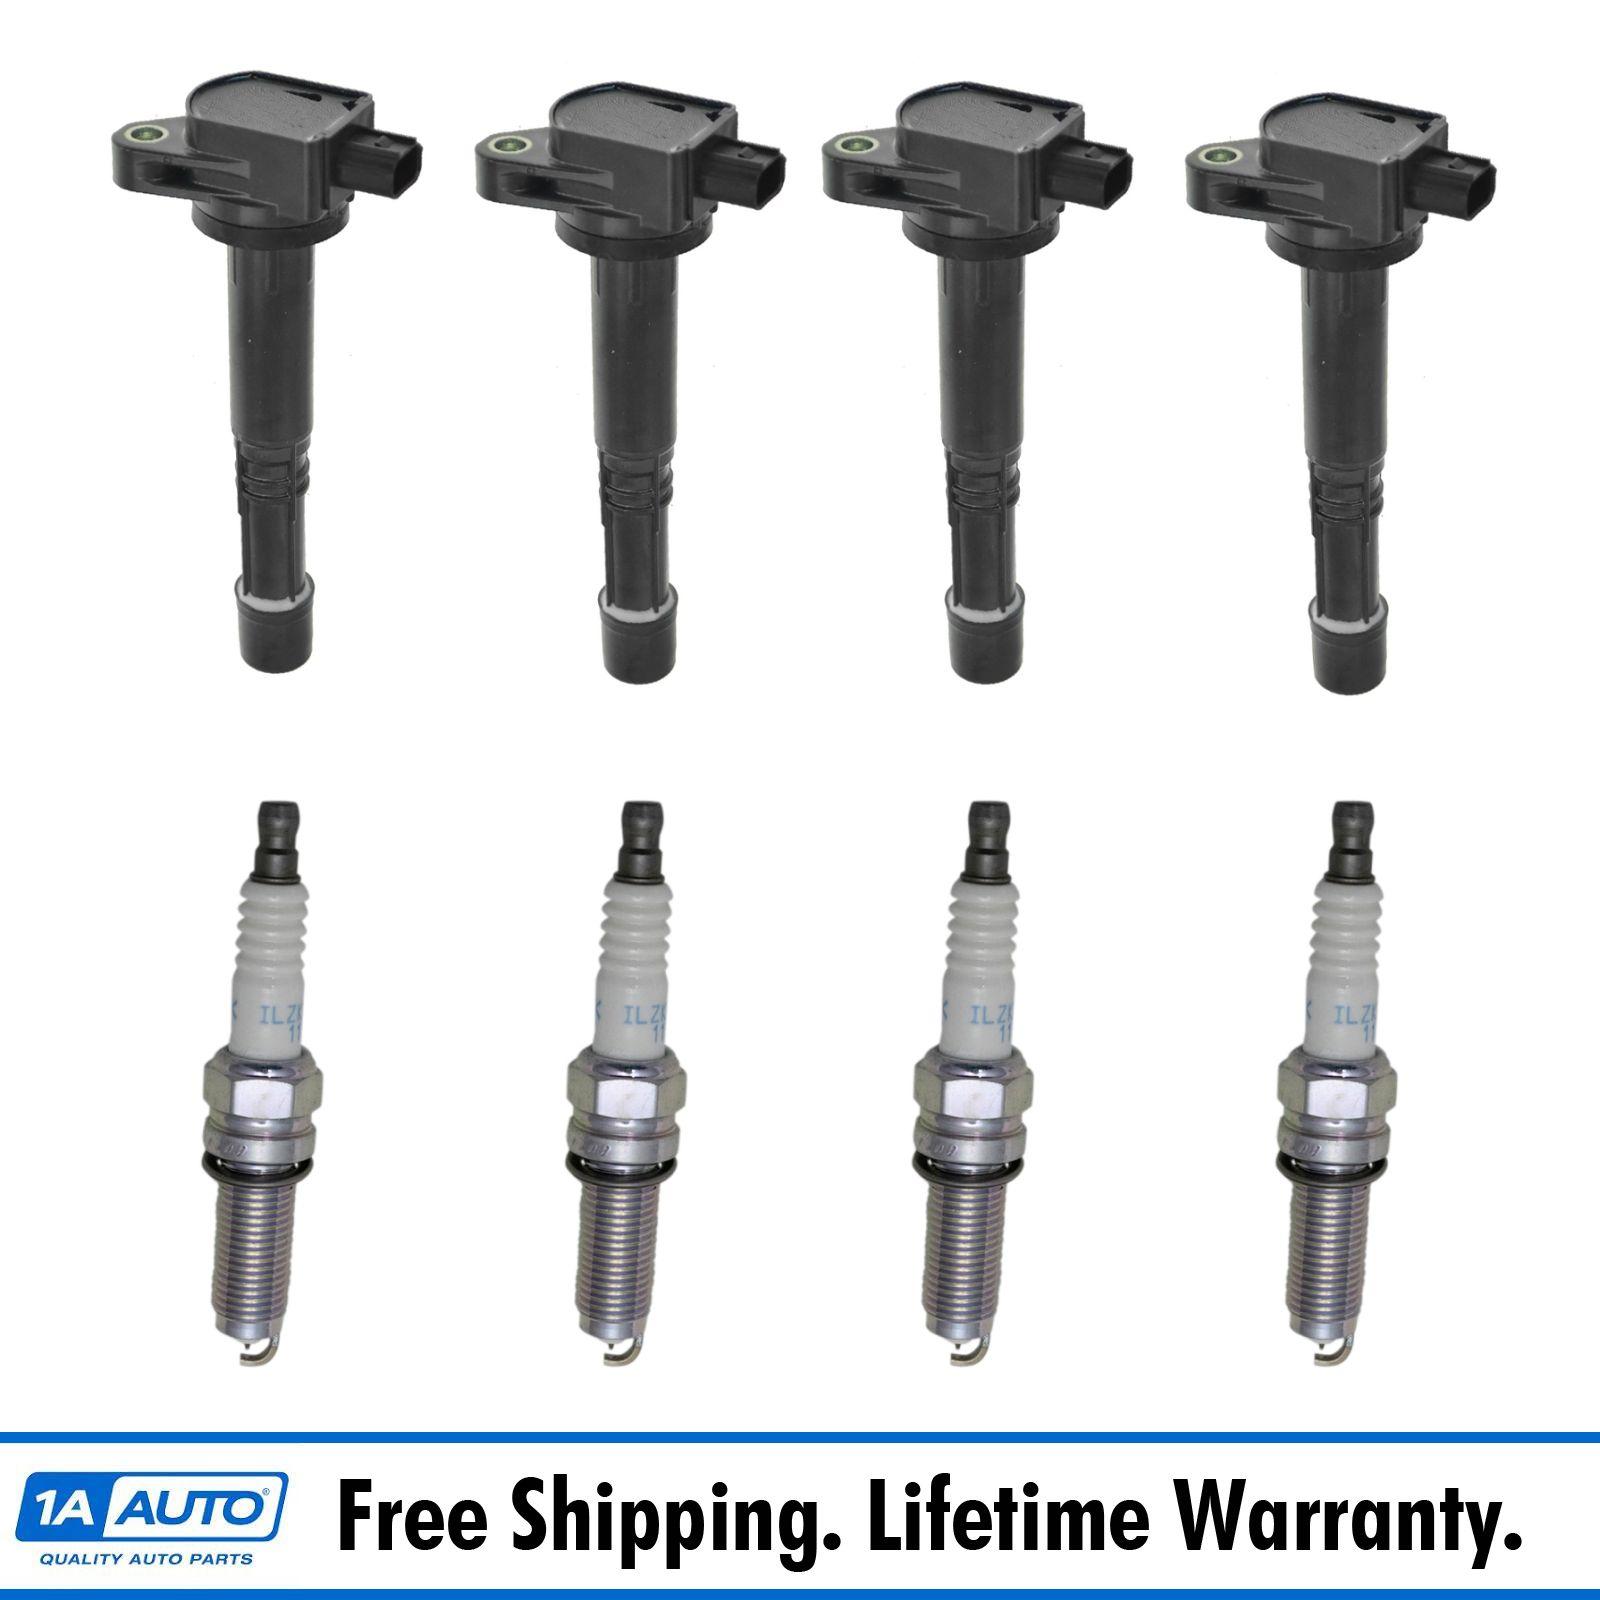 TRQ Engine Ignition Coil & NGK Spark Plug Kit 8 Piece Set